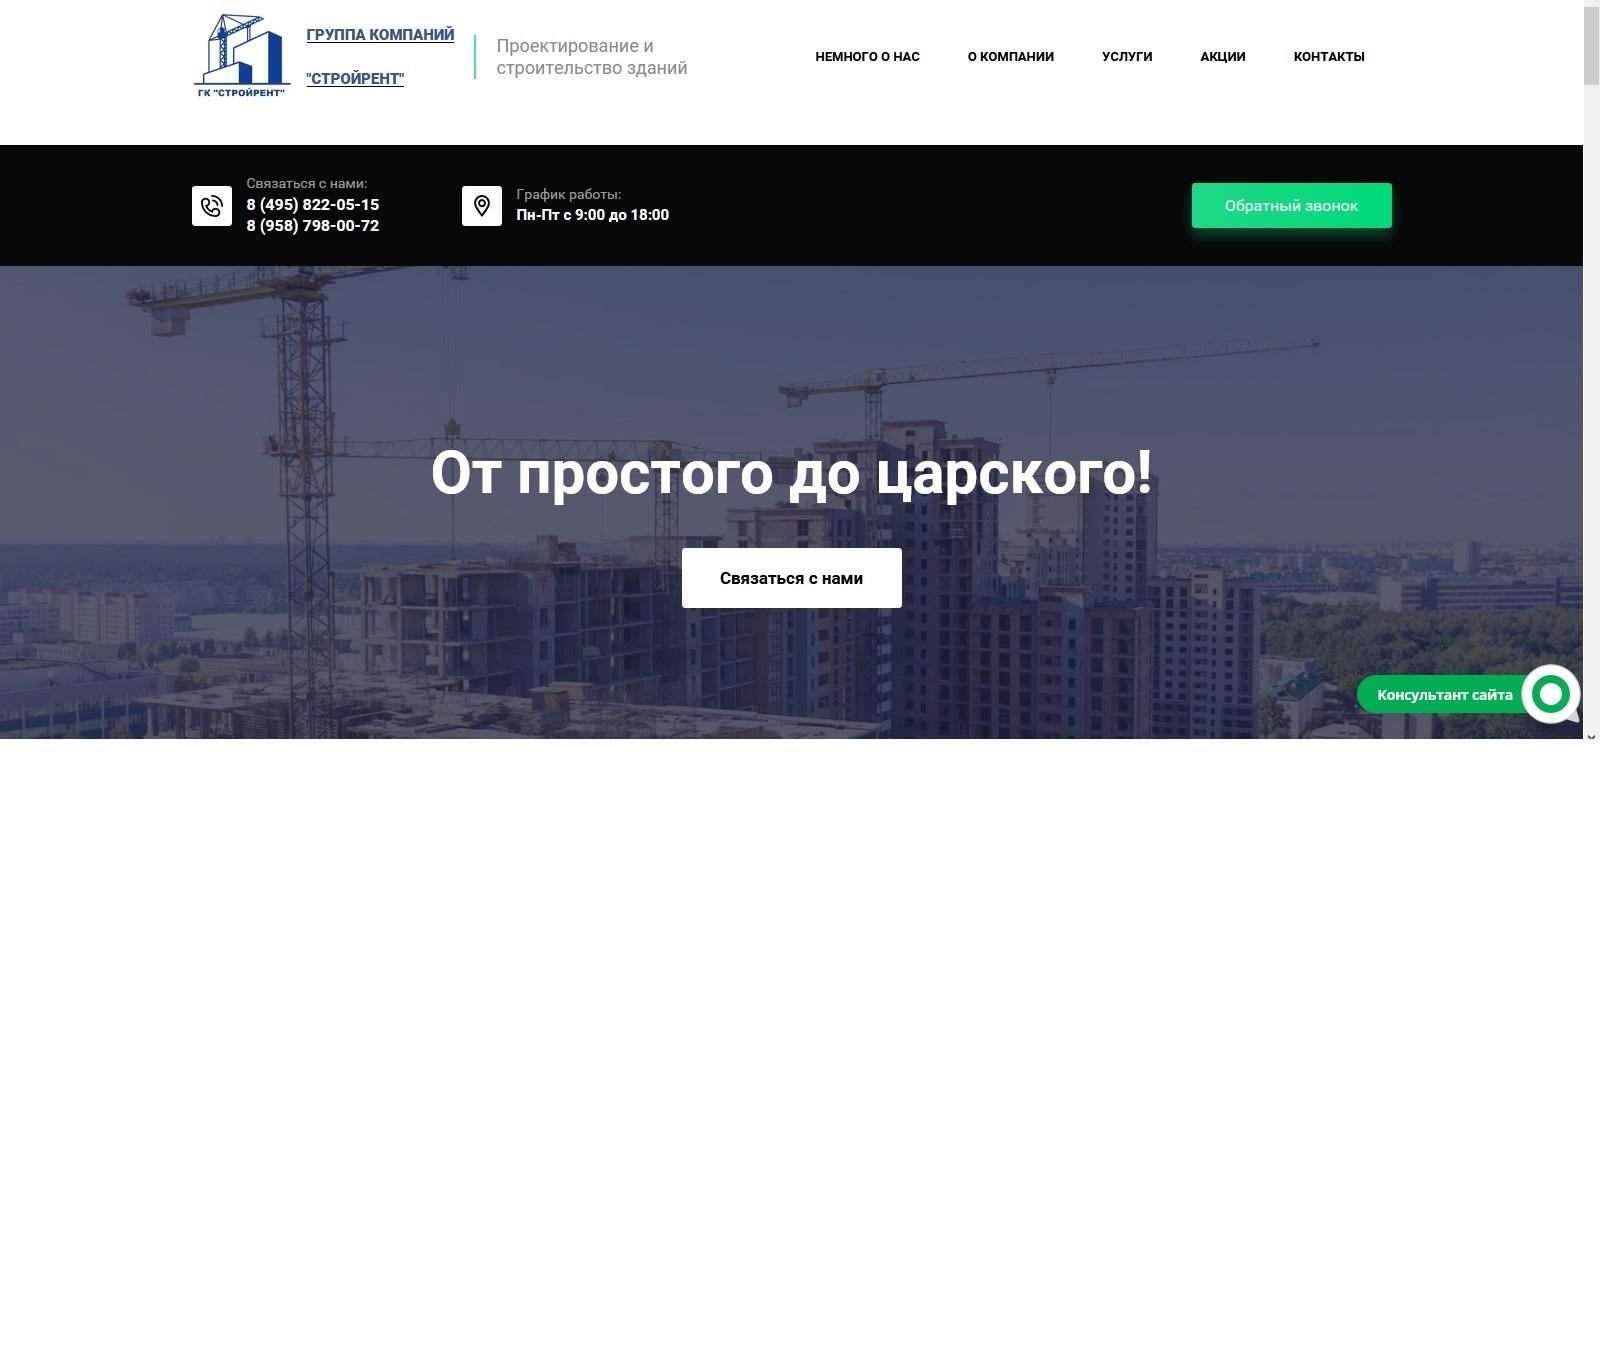 ГК Стройрент - Мошенники впаривают сертификаты